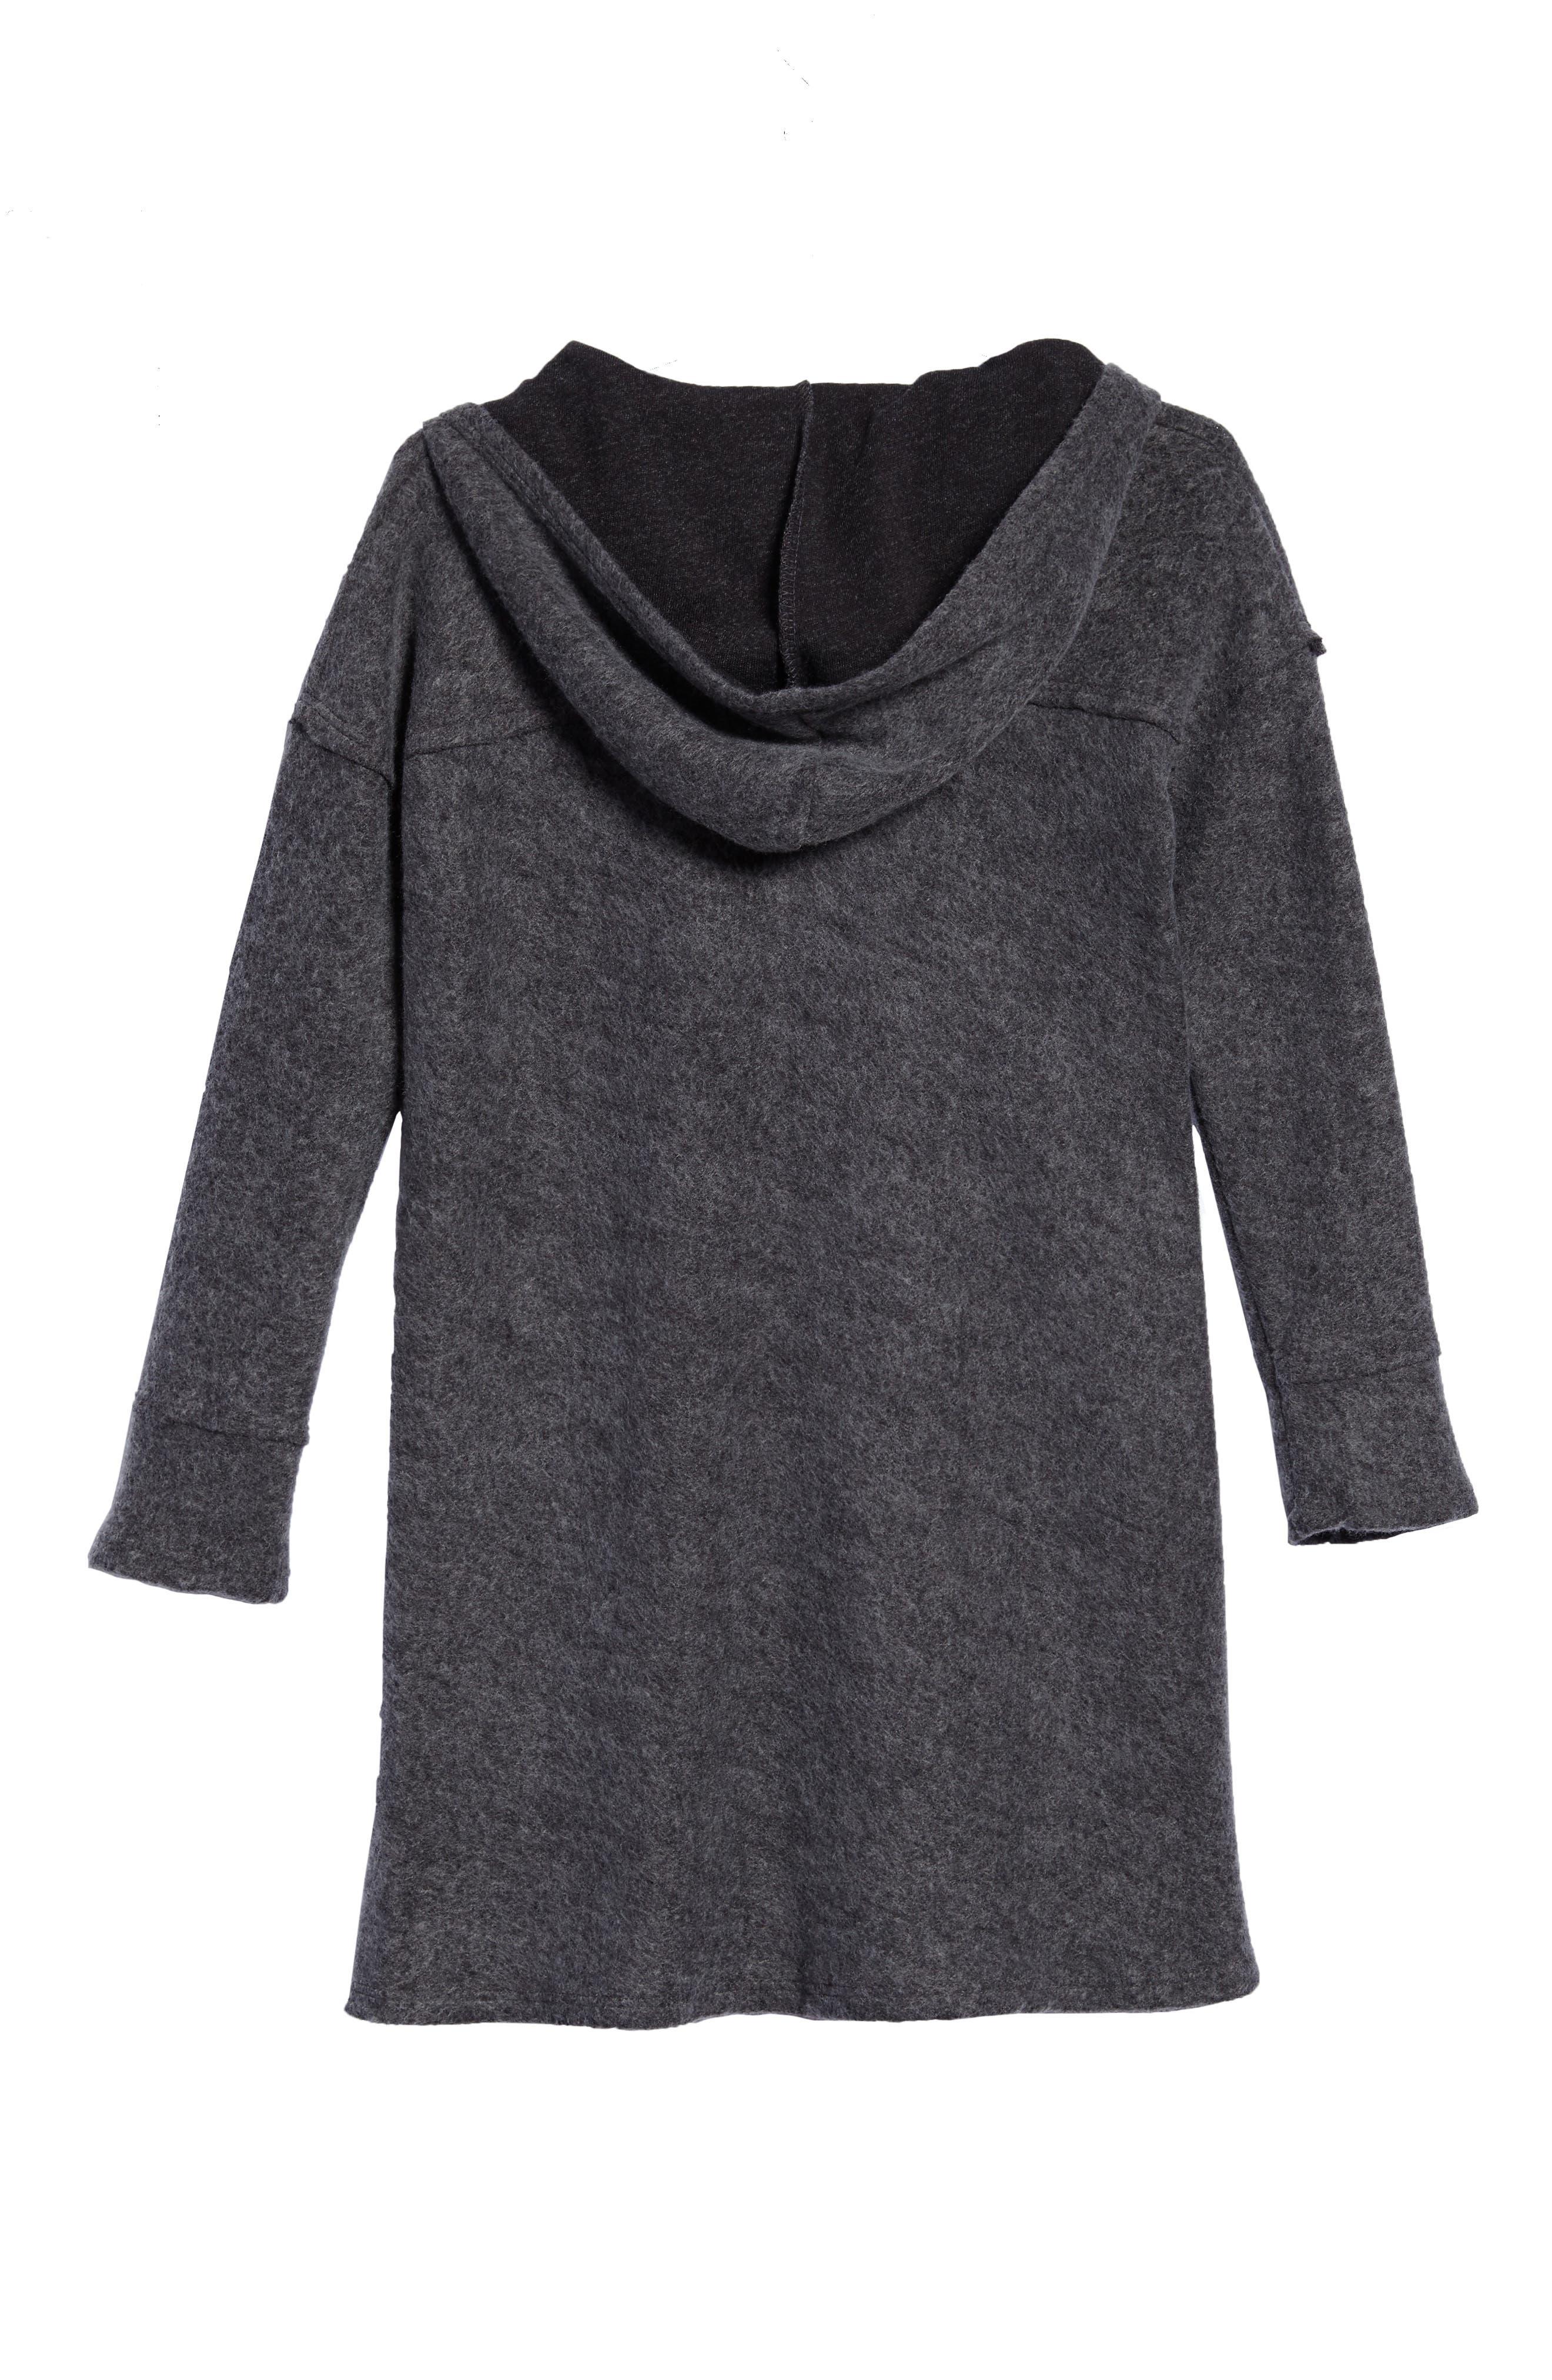 Alternate Image 2  - For All Seasons Hooded Swing Dress (Big Girls)